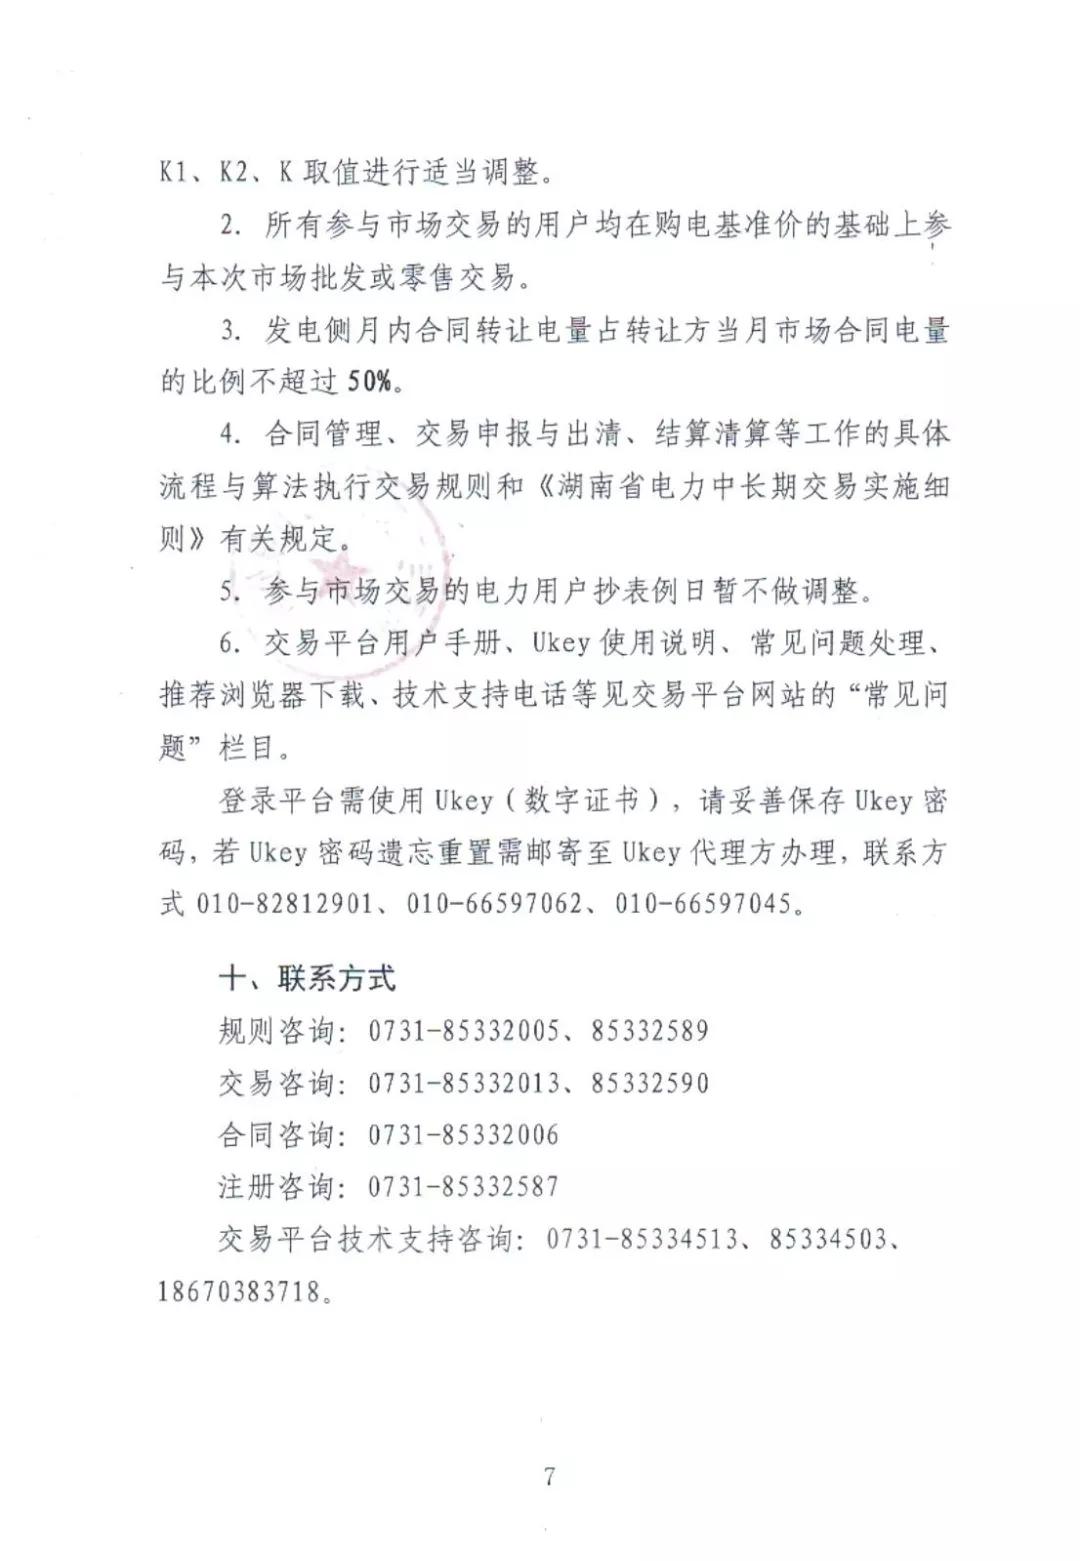 湖南7月电力市场交易:申报时间6月26日